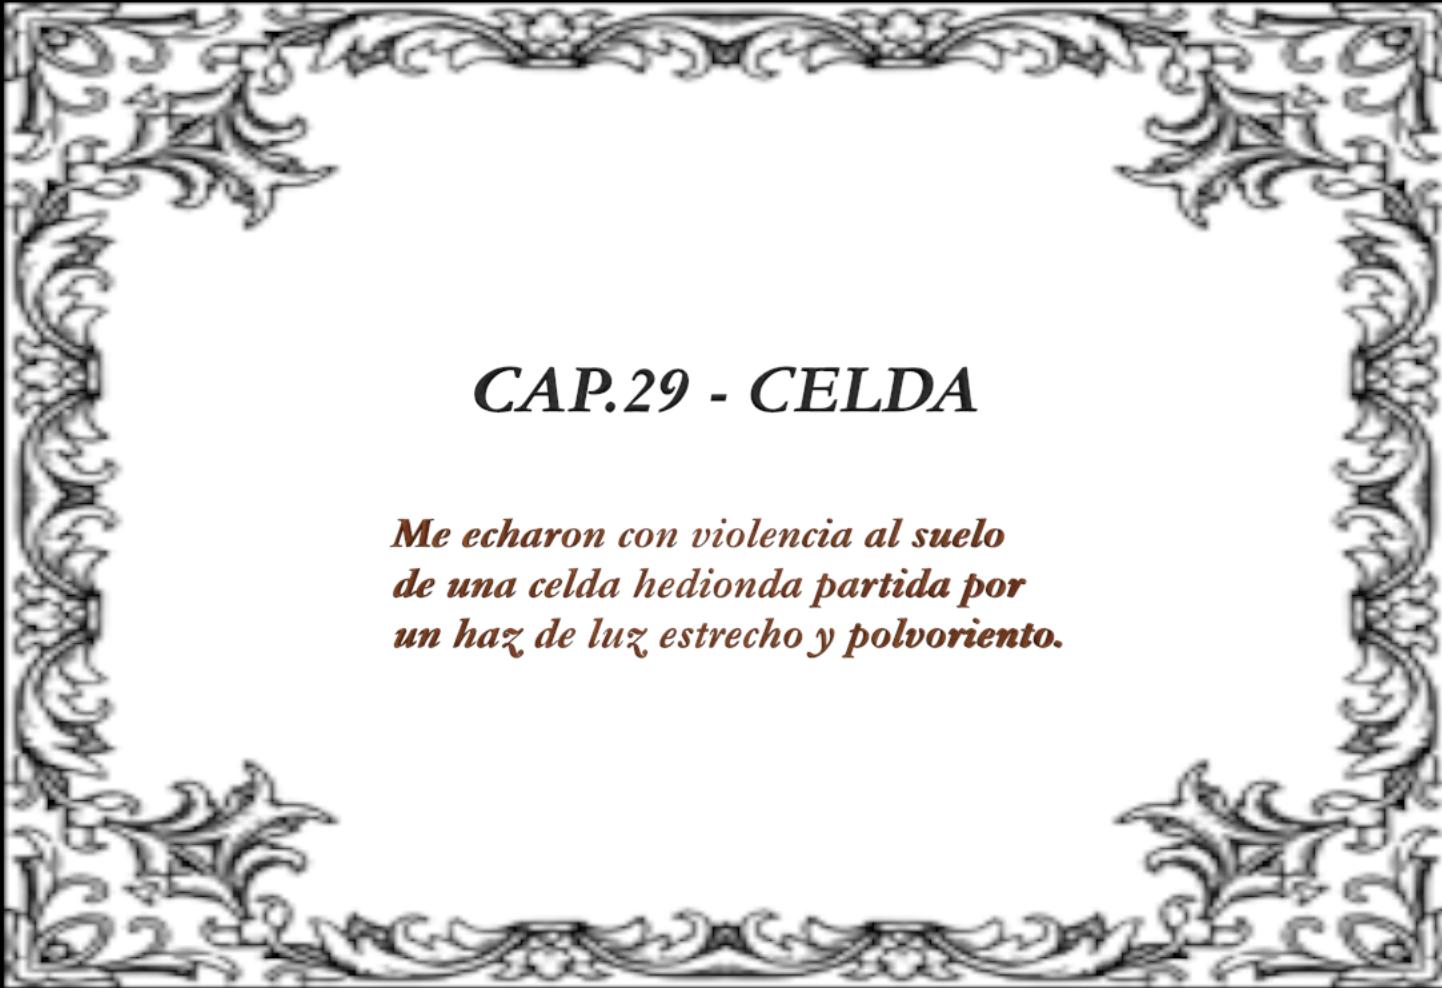 29 celda 1